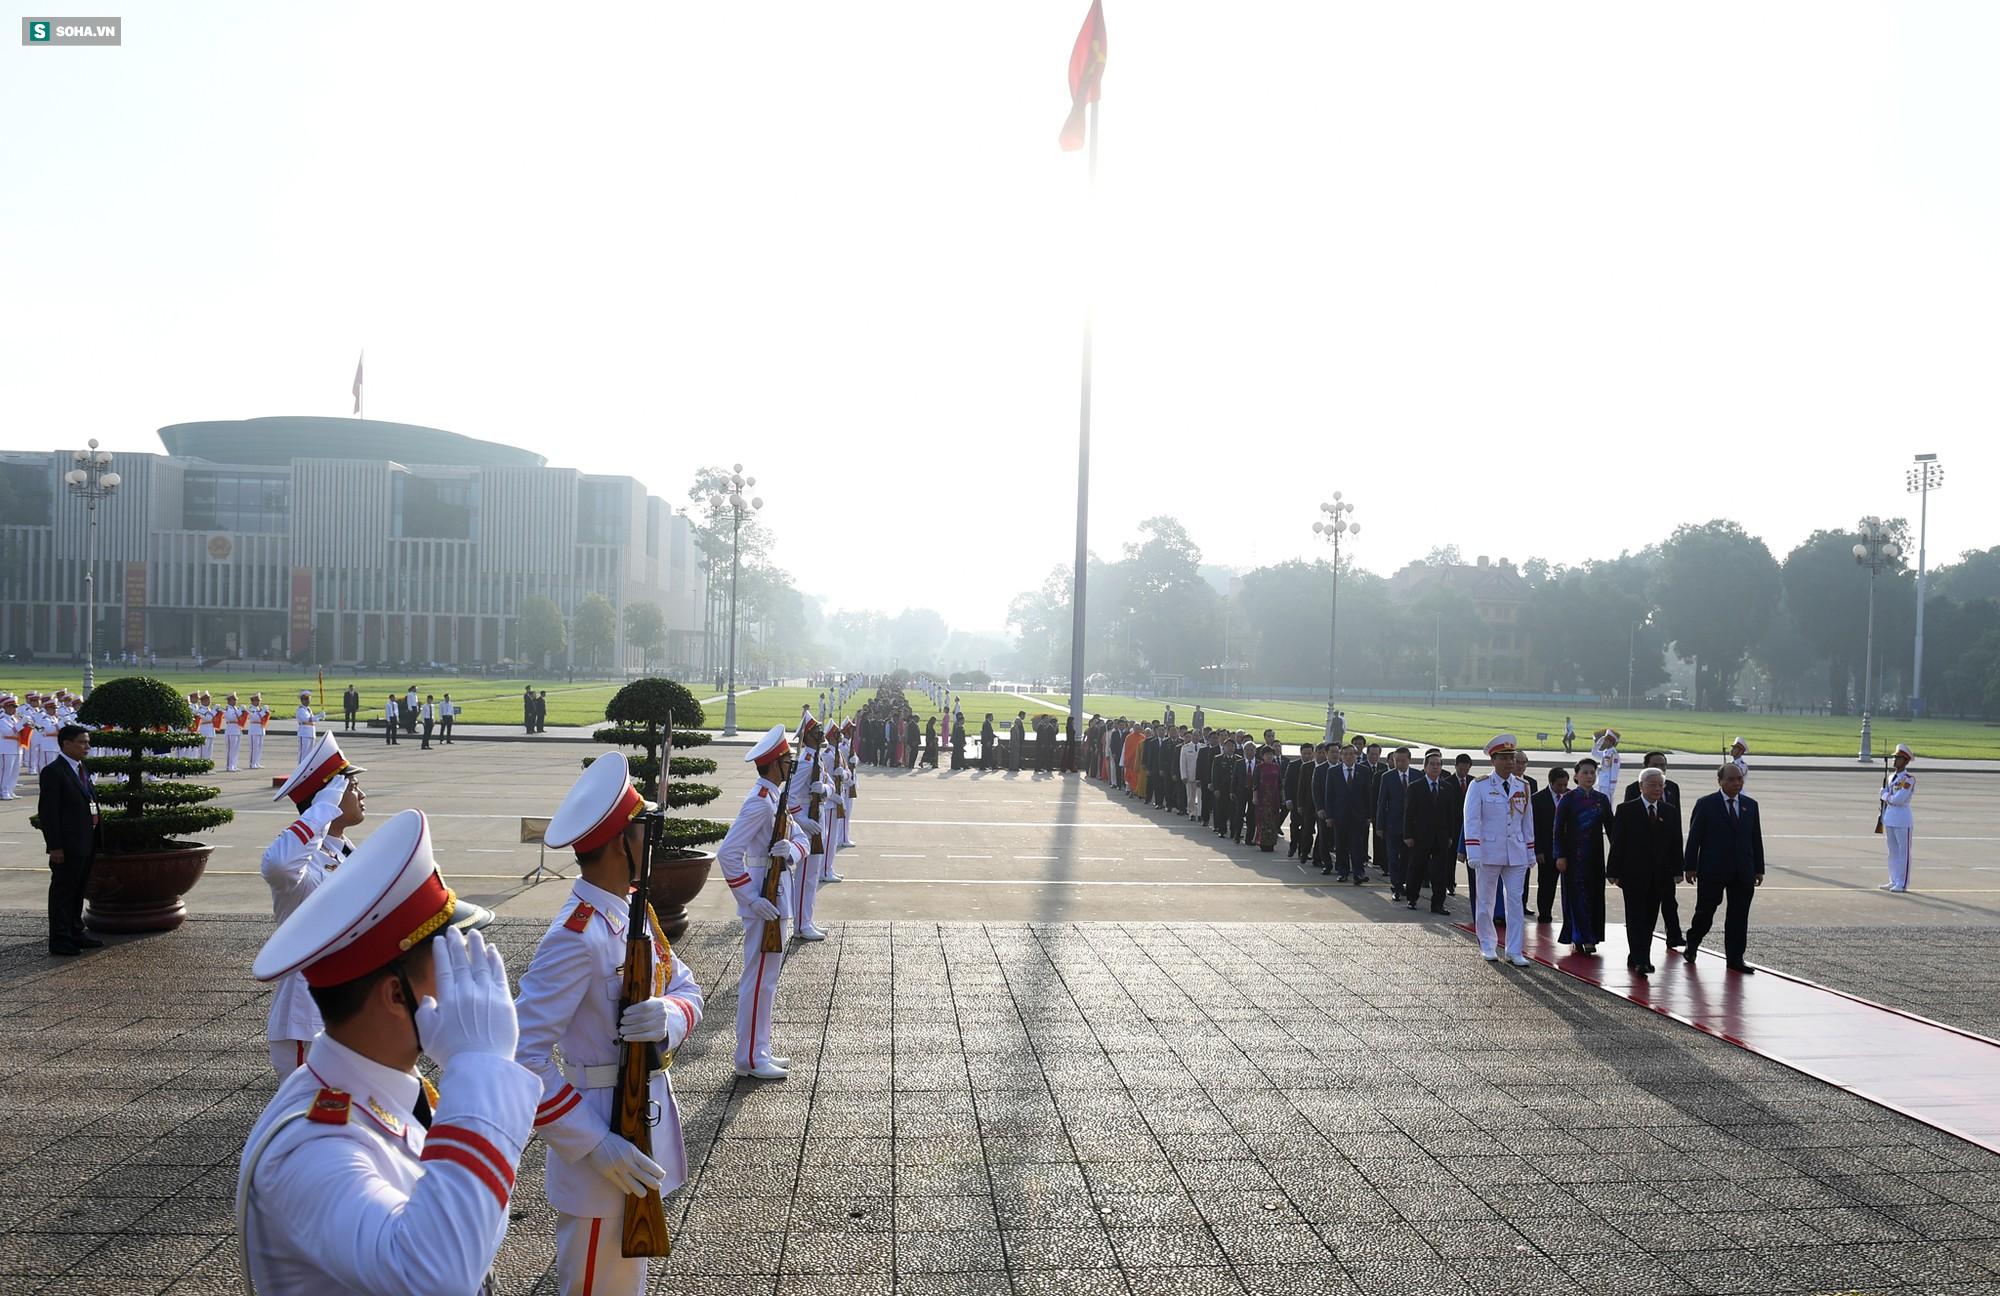 Đại biểu Quốc hội viếng Chủ tịch Hồ Chí Minh - Ảnh 4.